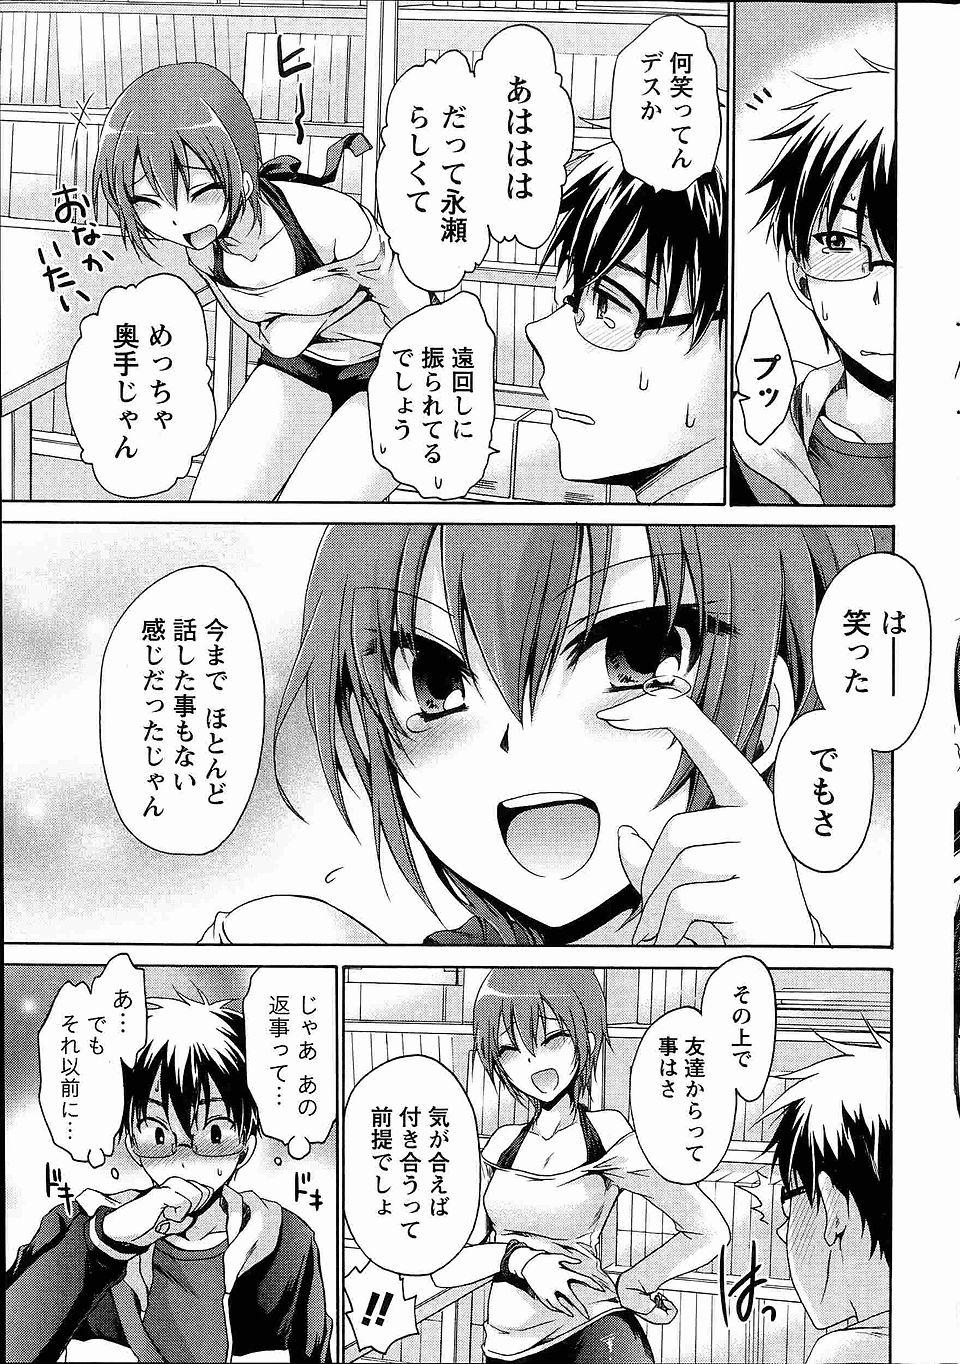 【エロ漫画・エロ同人】ちっぱいの先輩が誘惑してきてフェラチオして来たンゴwww (11)